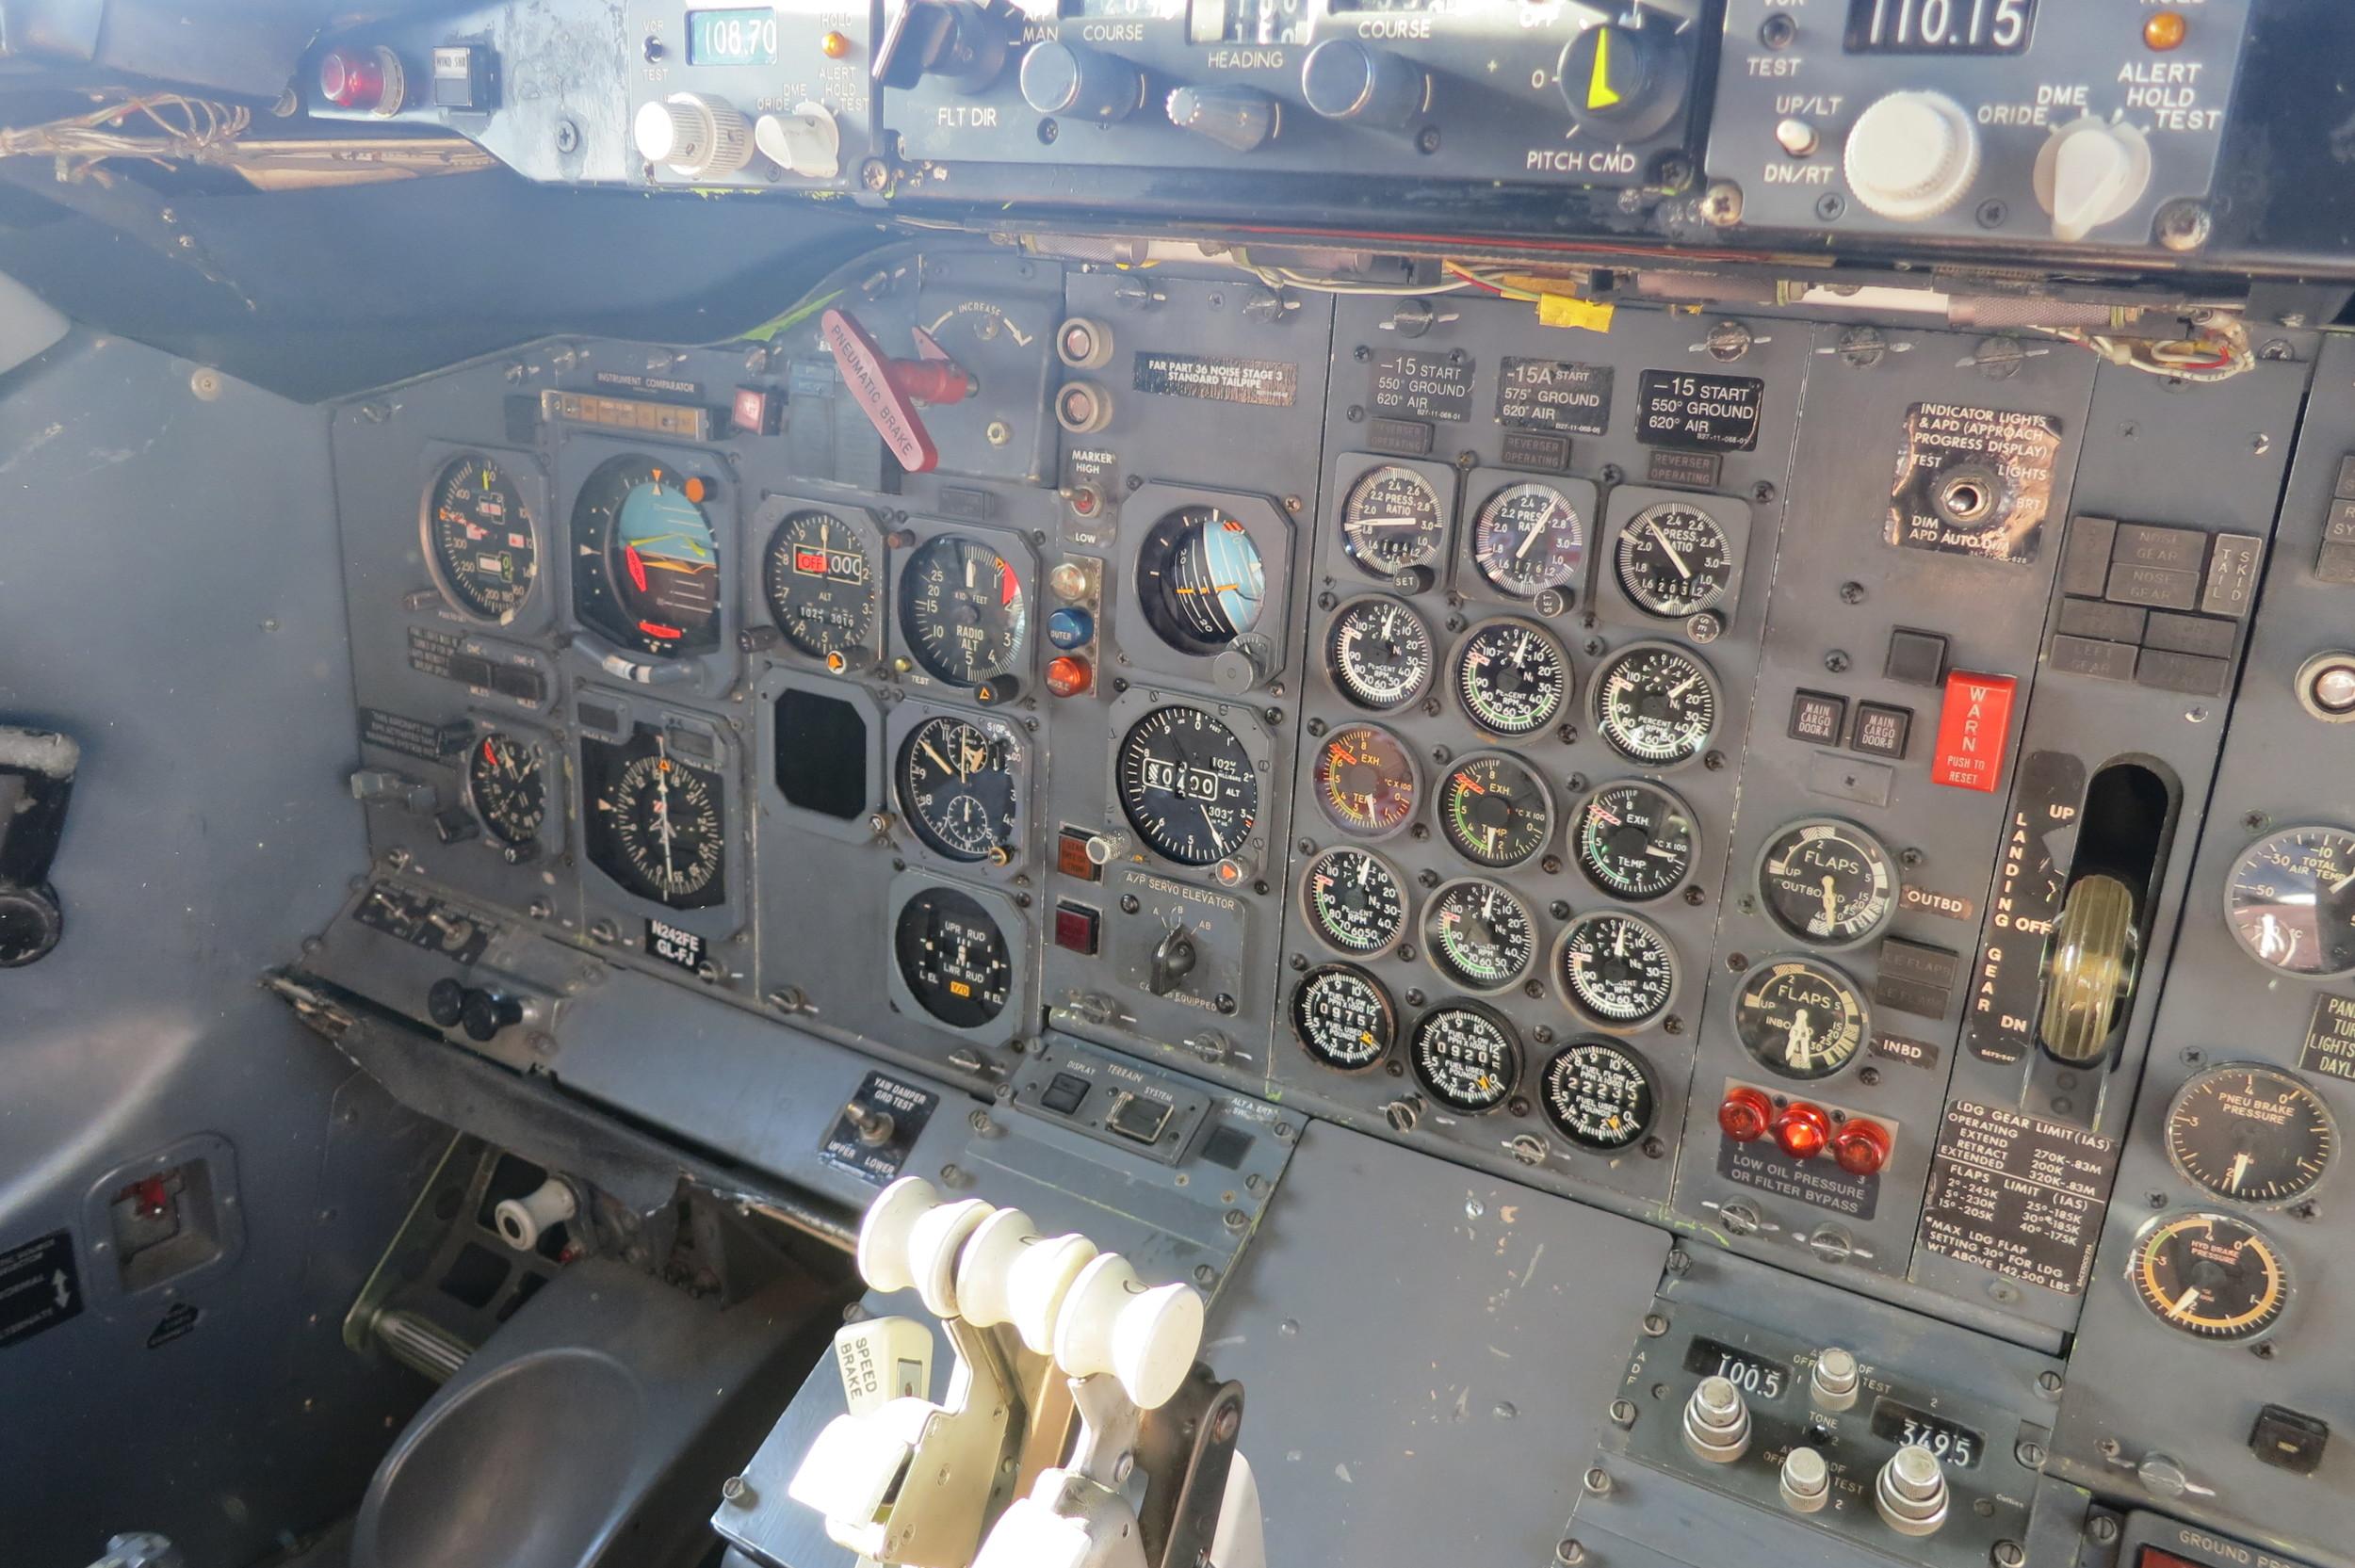 737 exhibit Cockpit